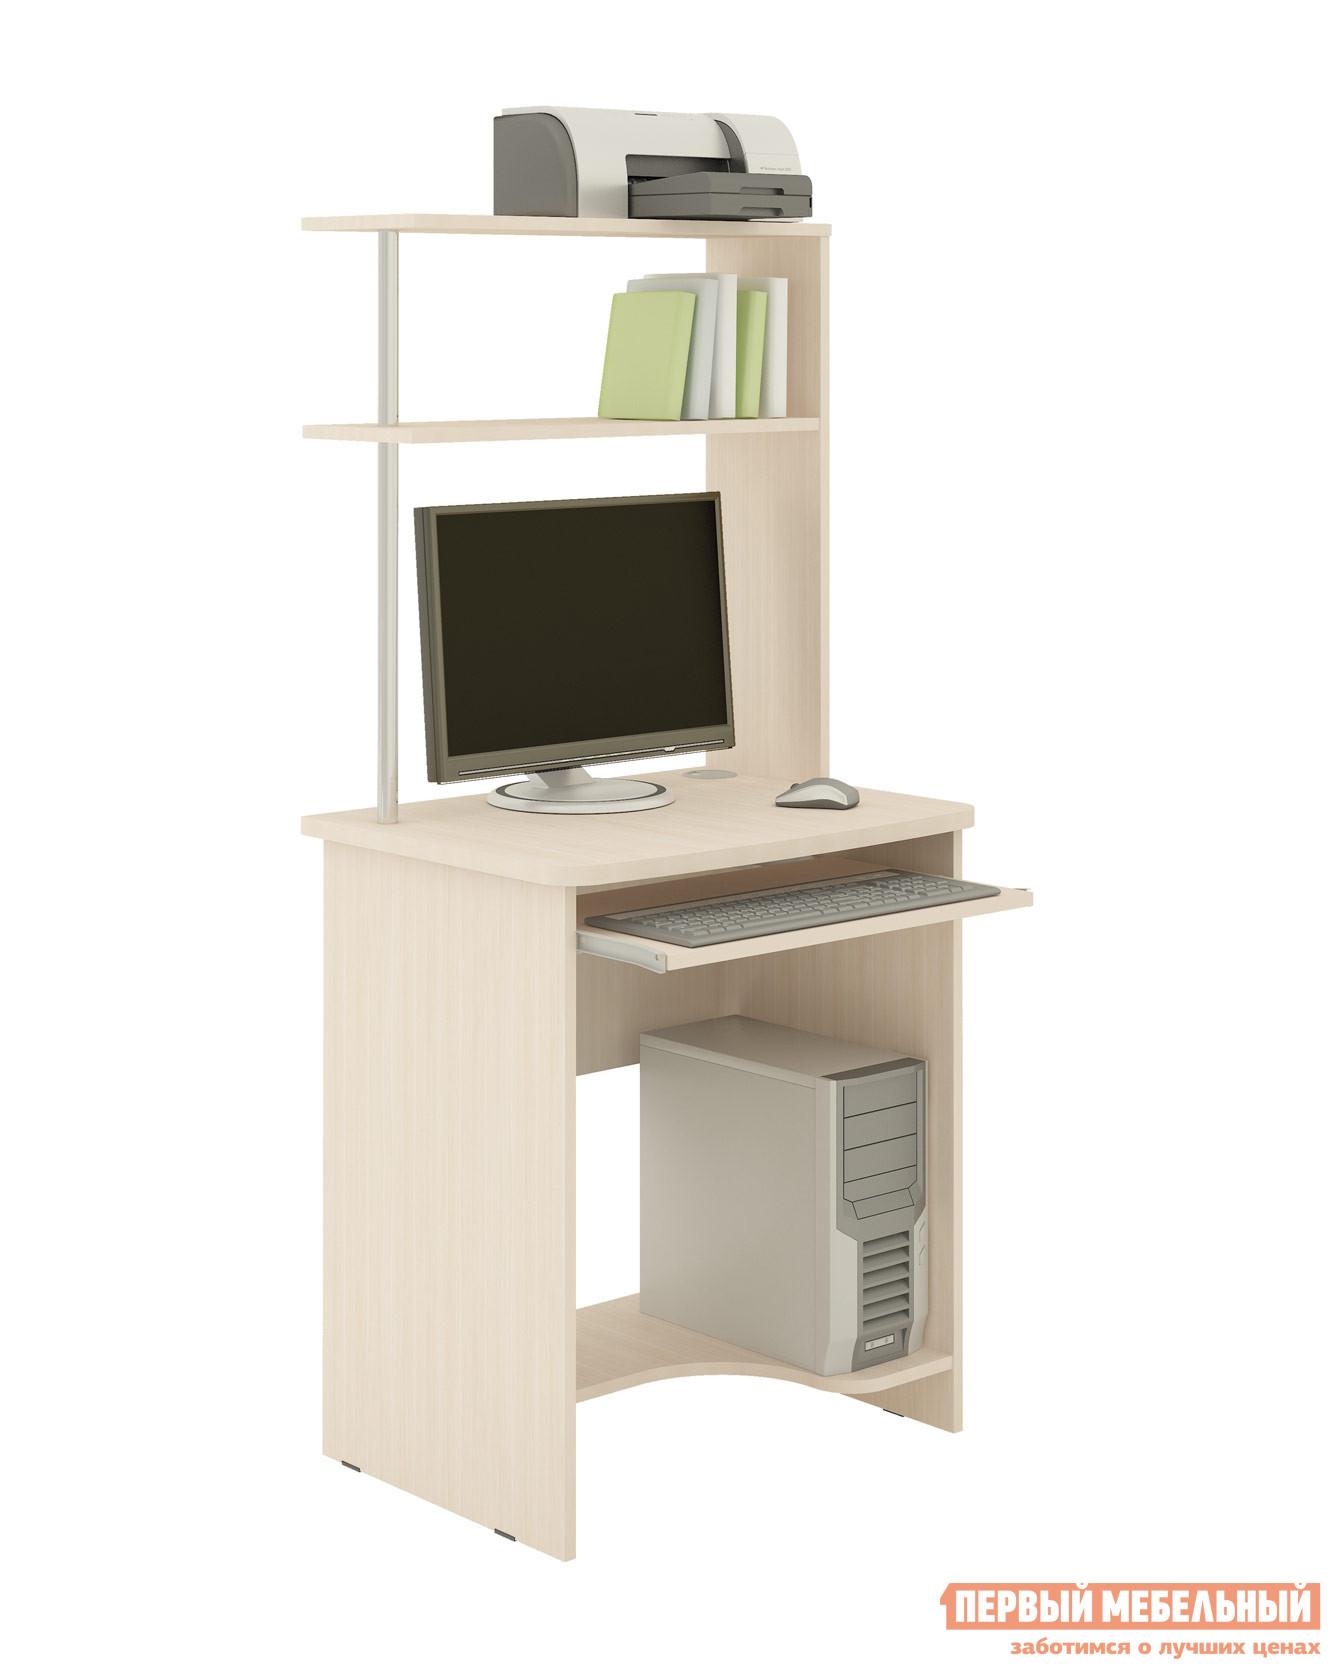 Компьютерный стол Витра Фортуна-25 Дуб КобургКомпьютерные столы<br>Габаритные размеры ВхШхГ 1500x680x530 мм. Стол оснащен выдвижной полкой для клавиатуры.  Столешница выполнена из ламинированной ДСП толщиной 22 мм.  Боковины изготовлены из ламинированной ДСП толщиной 16 мм.   Кромка деталей обработана ударопрочным кантом ПВХ толщиной 0,42мм. Стол оптимален для монитора диагональю 22. Высота между верхними полками составляет 235 мм, глубина этих полок — 230 мм. Изделие поставляется в разобранном виде.  Хорошо упаковано в гофротару вместе с необходимой фурнитурой для сборки и подробной инструкцией. Обратите внимание! Для получения гарантийного обслуживания мебели фабрики «Витра» необходимо обязательно сохранять гарантийный талон и сборочный чертеж до окончания гарантийного срока на приобретенную мебель (срок указан в гарантийном талоне).<br><br>Цвет: Дуб Кобург<br>Цвет: Светлое дерево<br>Высота мм: 1500<br>Ширина мм: 680<br>Глубина мм: 530<br>Кол-во упаковок: 1<br>Форма поставки: В разобранном виде<br>Срок гарантии: 5 лет<br>Тип: Прямые<br>Материал: Деревянные, из ЛДСП<br>Размер: Маленькие<br>Особенности: С надстройкой, С полками